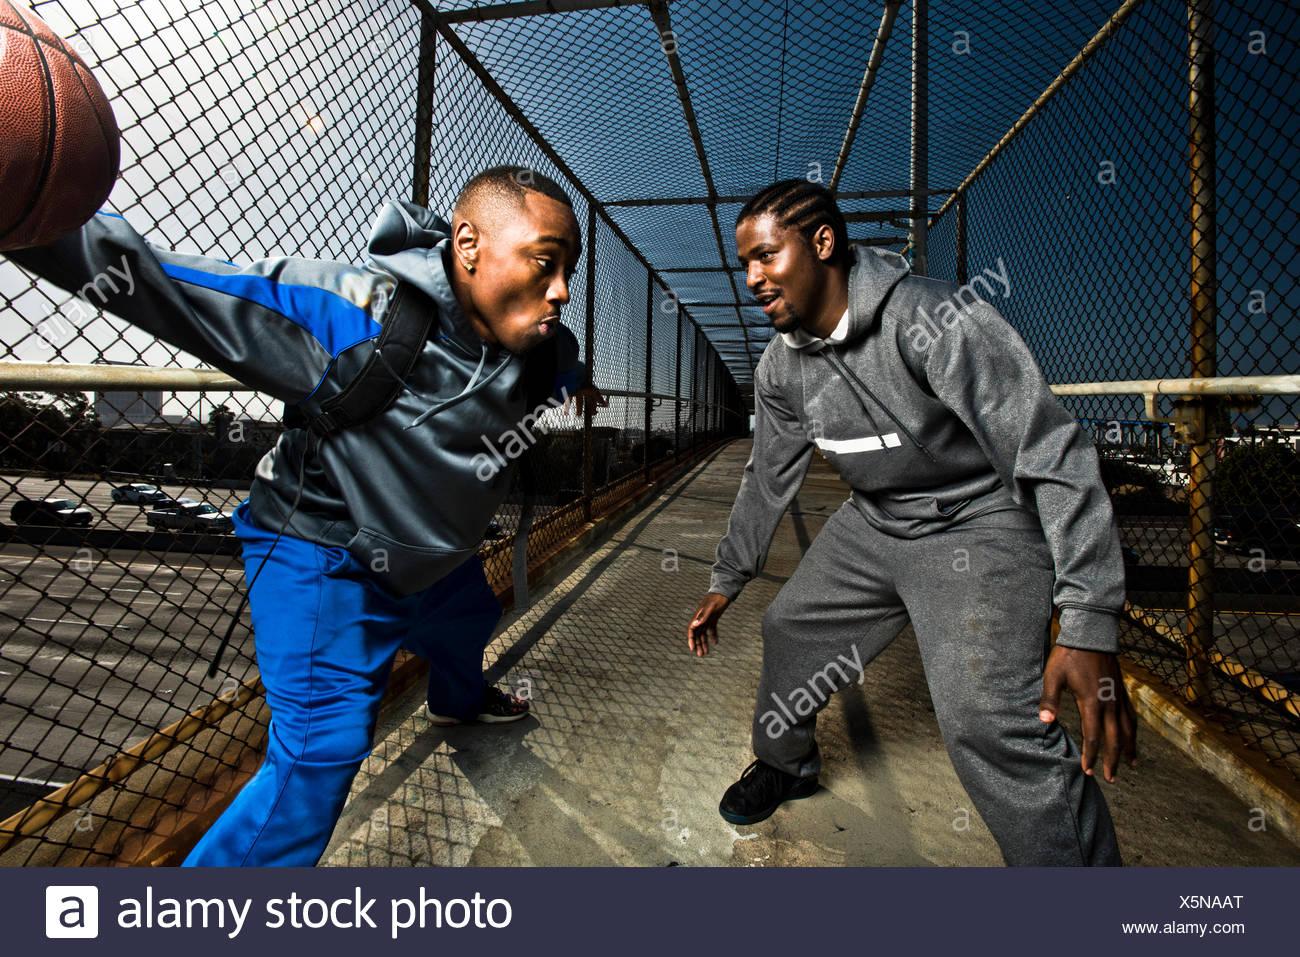 Zwei junge Männer zu Fuß hinunter eine Fußgängerbrücke mit einem Basketball zu spielen. Stockbild